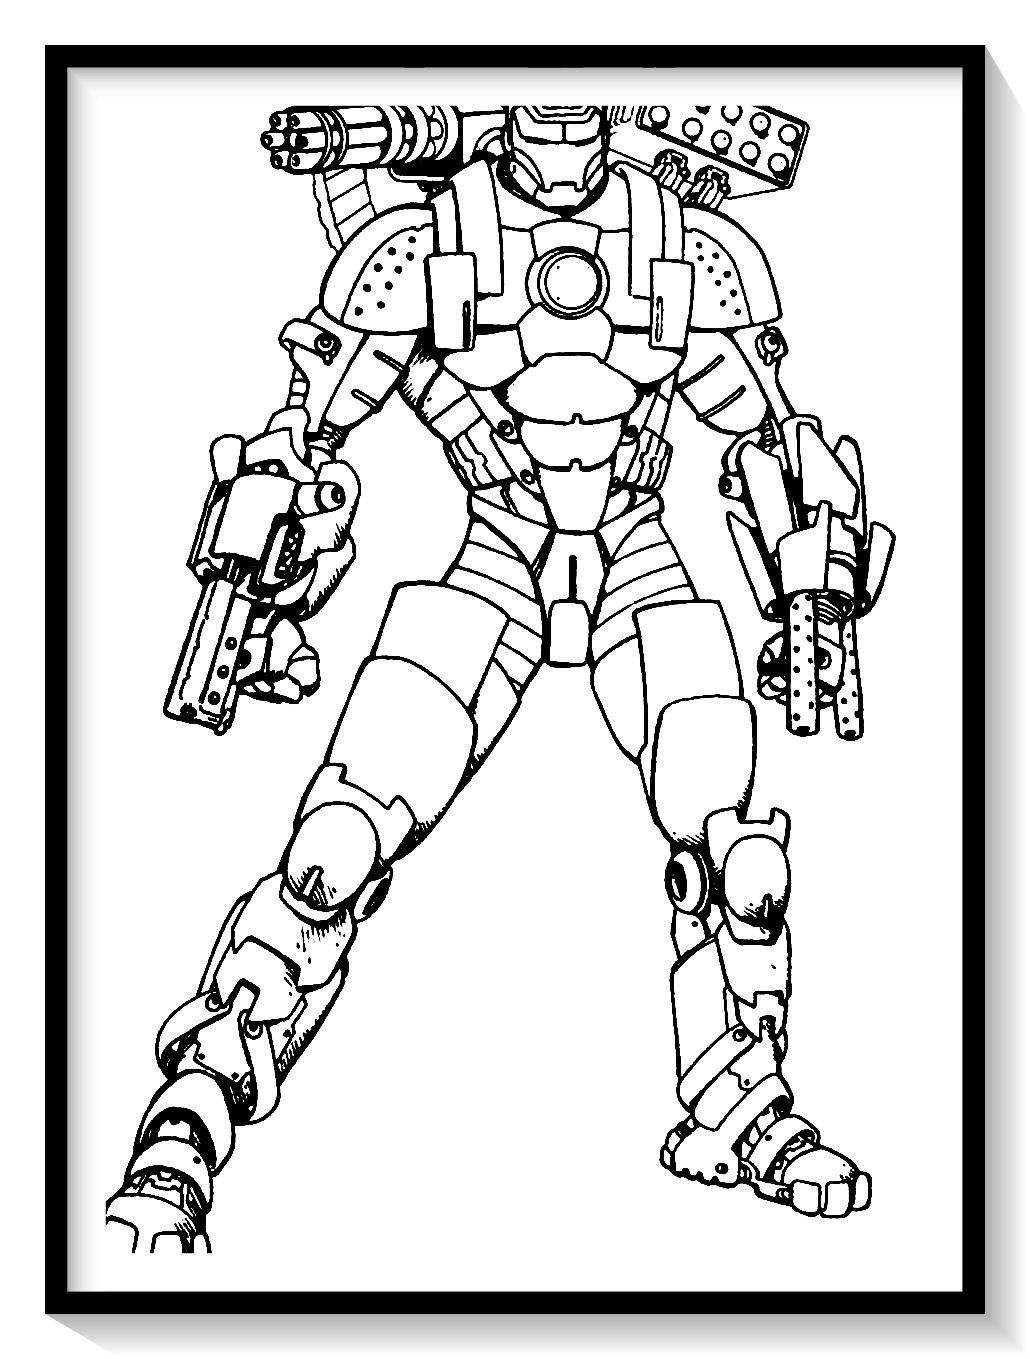 Dibujos De Iron Man Para Colorear En Linea Colorear E Imprimir Ironman Ironman P Iron Man Para Colorear Avengers Para Colorear Dibujos Para Colorear